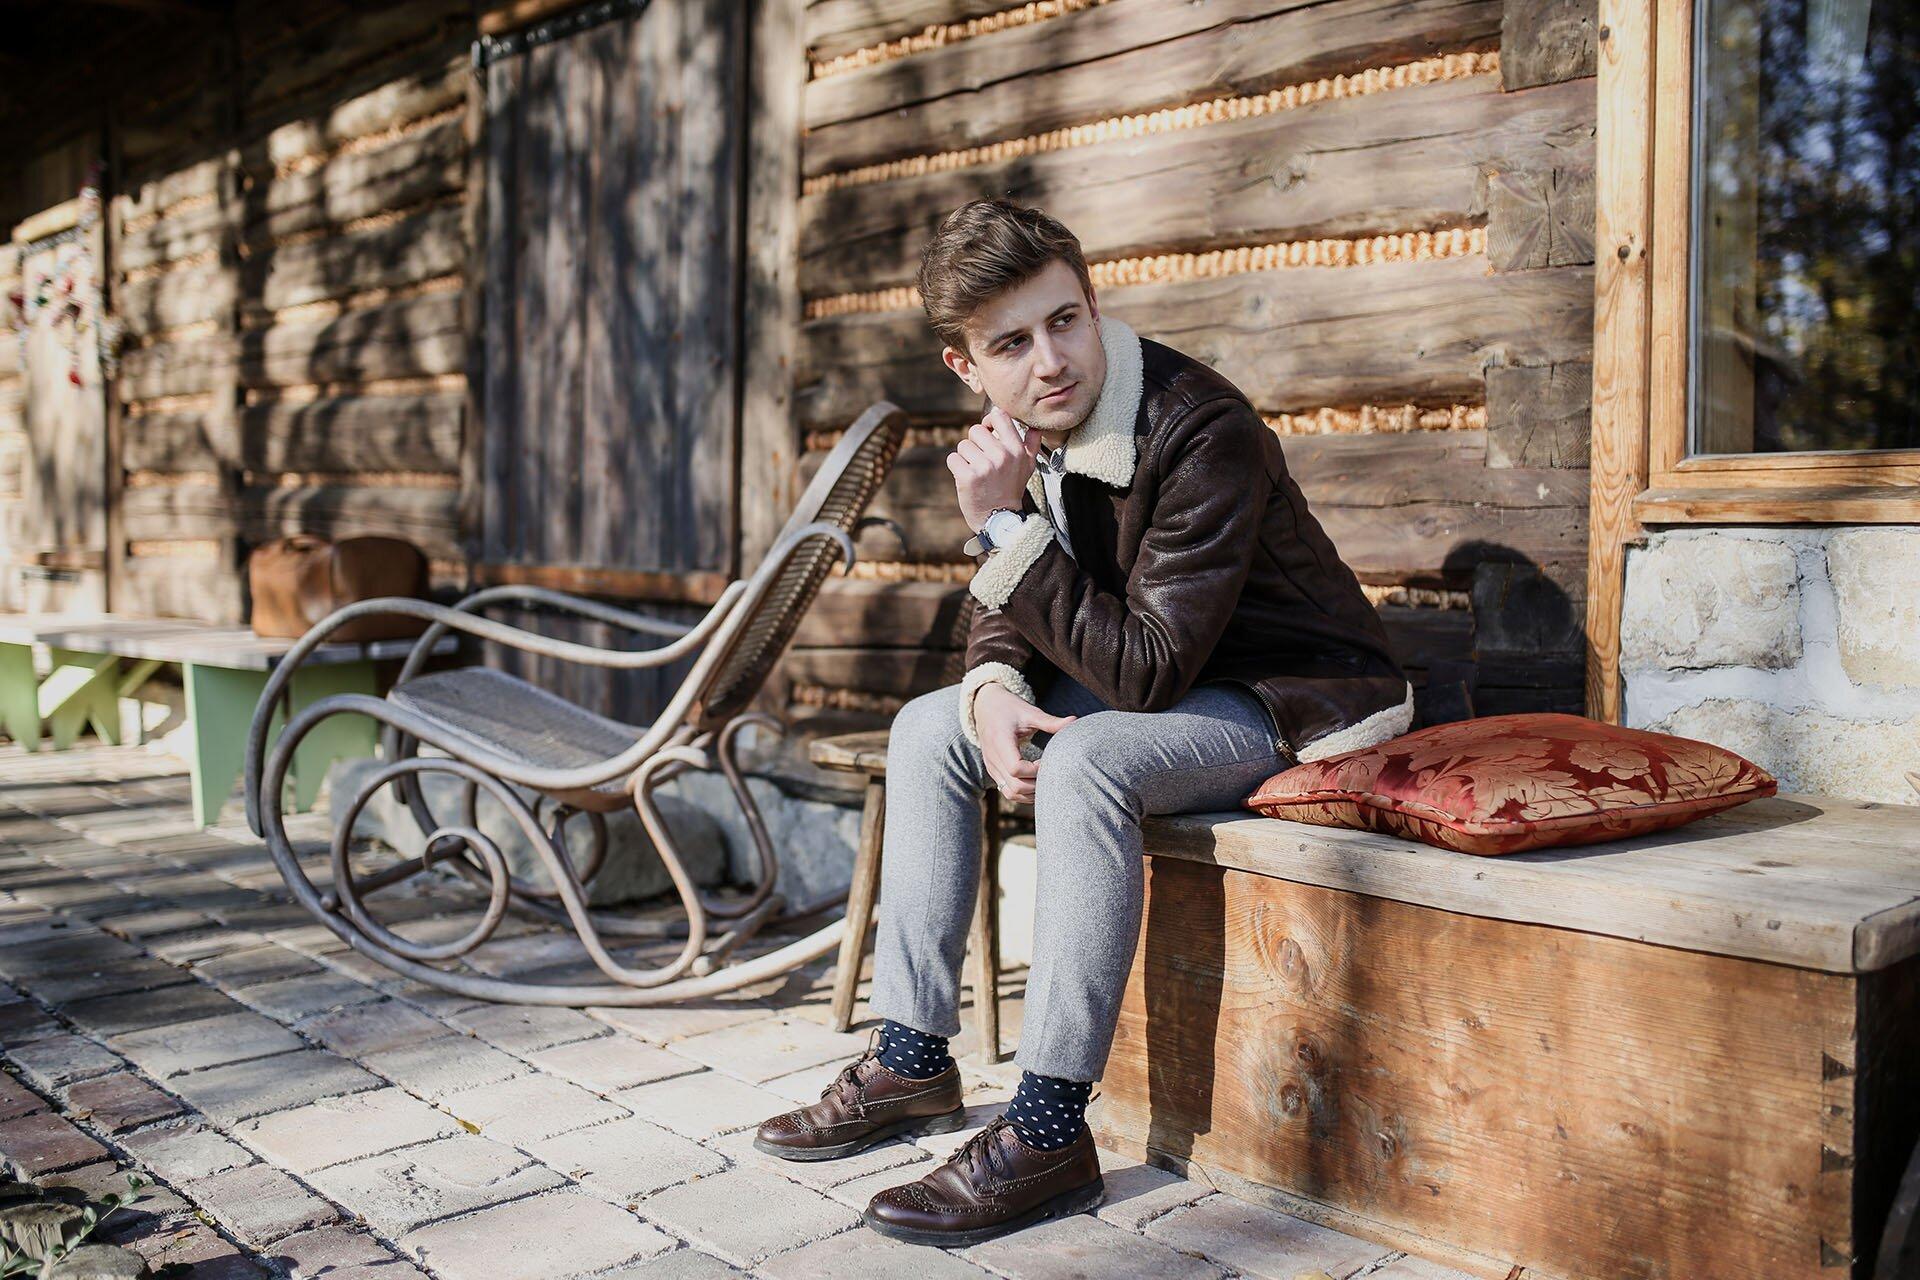 Kożuch Męski, Męski kurtki na jesień, Męskie kurtki na zimę, Blog o modzie męskiej, GMALE Grzegorz Paliś, Moda męska, Leśniakówka, Leśna samotnia, Gospodarstwo ekologiczne